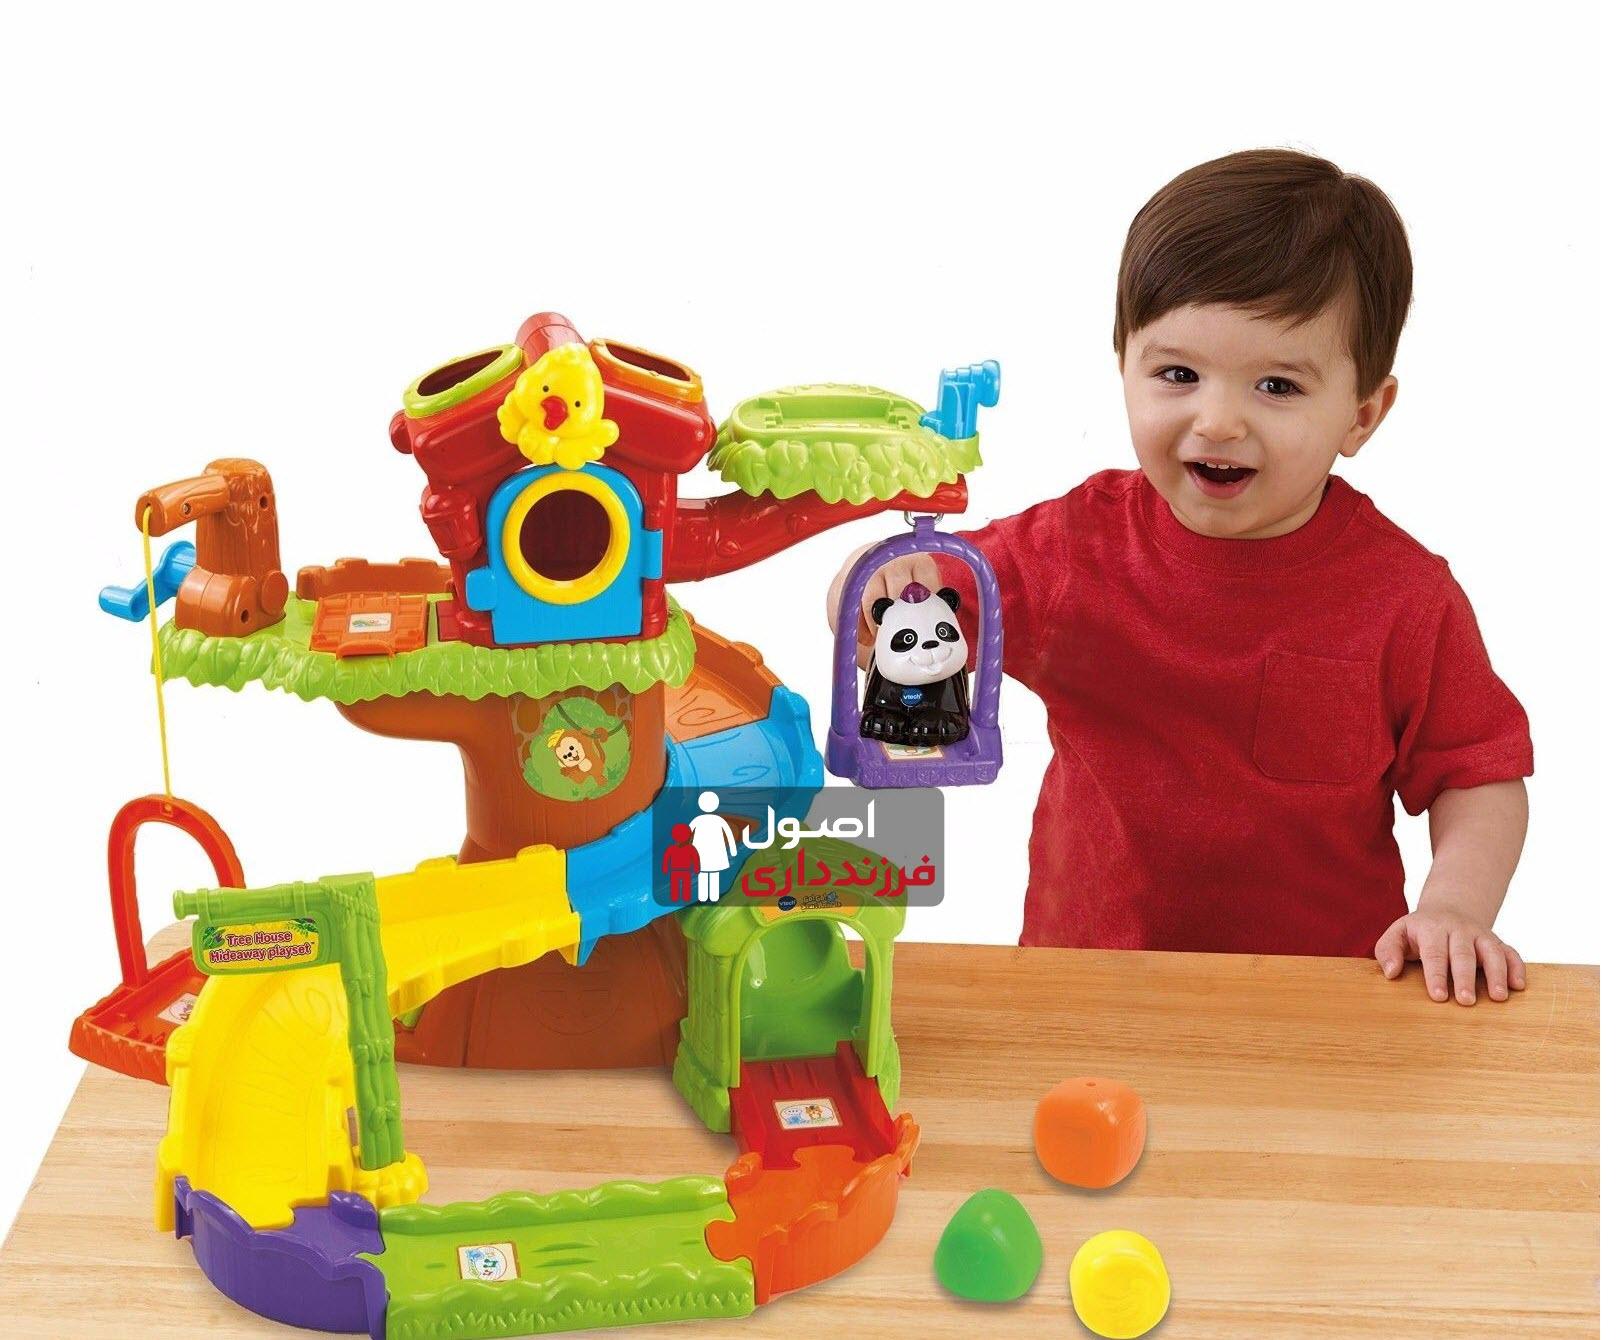 Toys For Boys 5 7 Grut : اصول فرزندداری سالگی دکتر مجازی